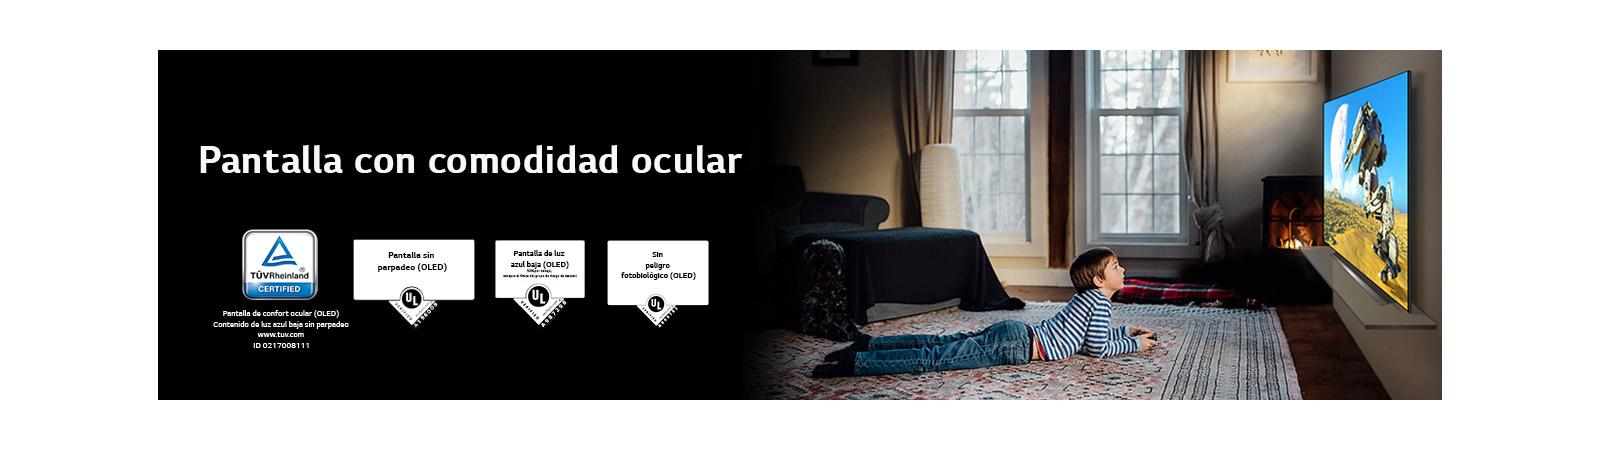 """Una vista lateral de un niño recostado y mirando una TV. La imagen dice """"Pantalla Eye Comfort""""."""